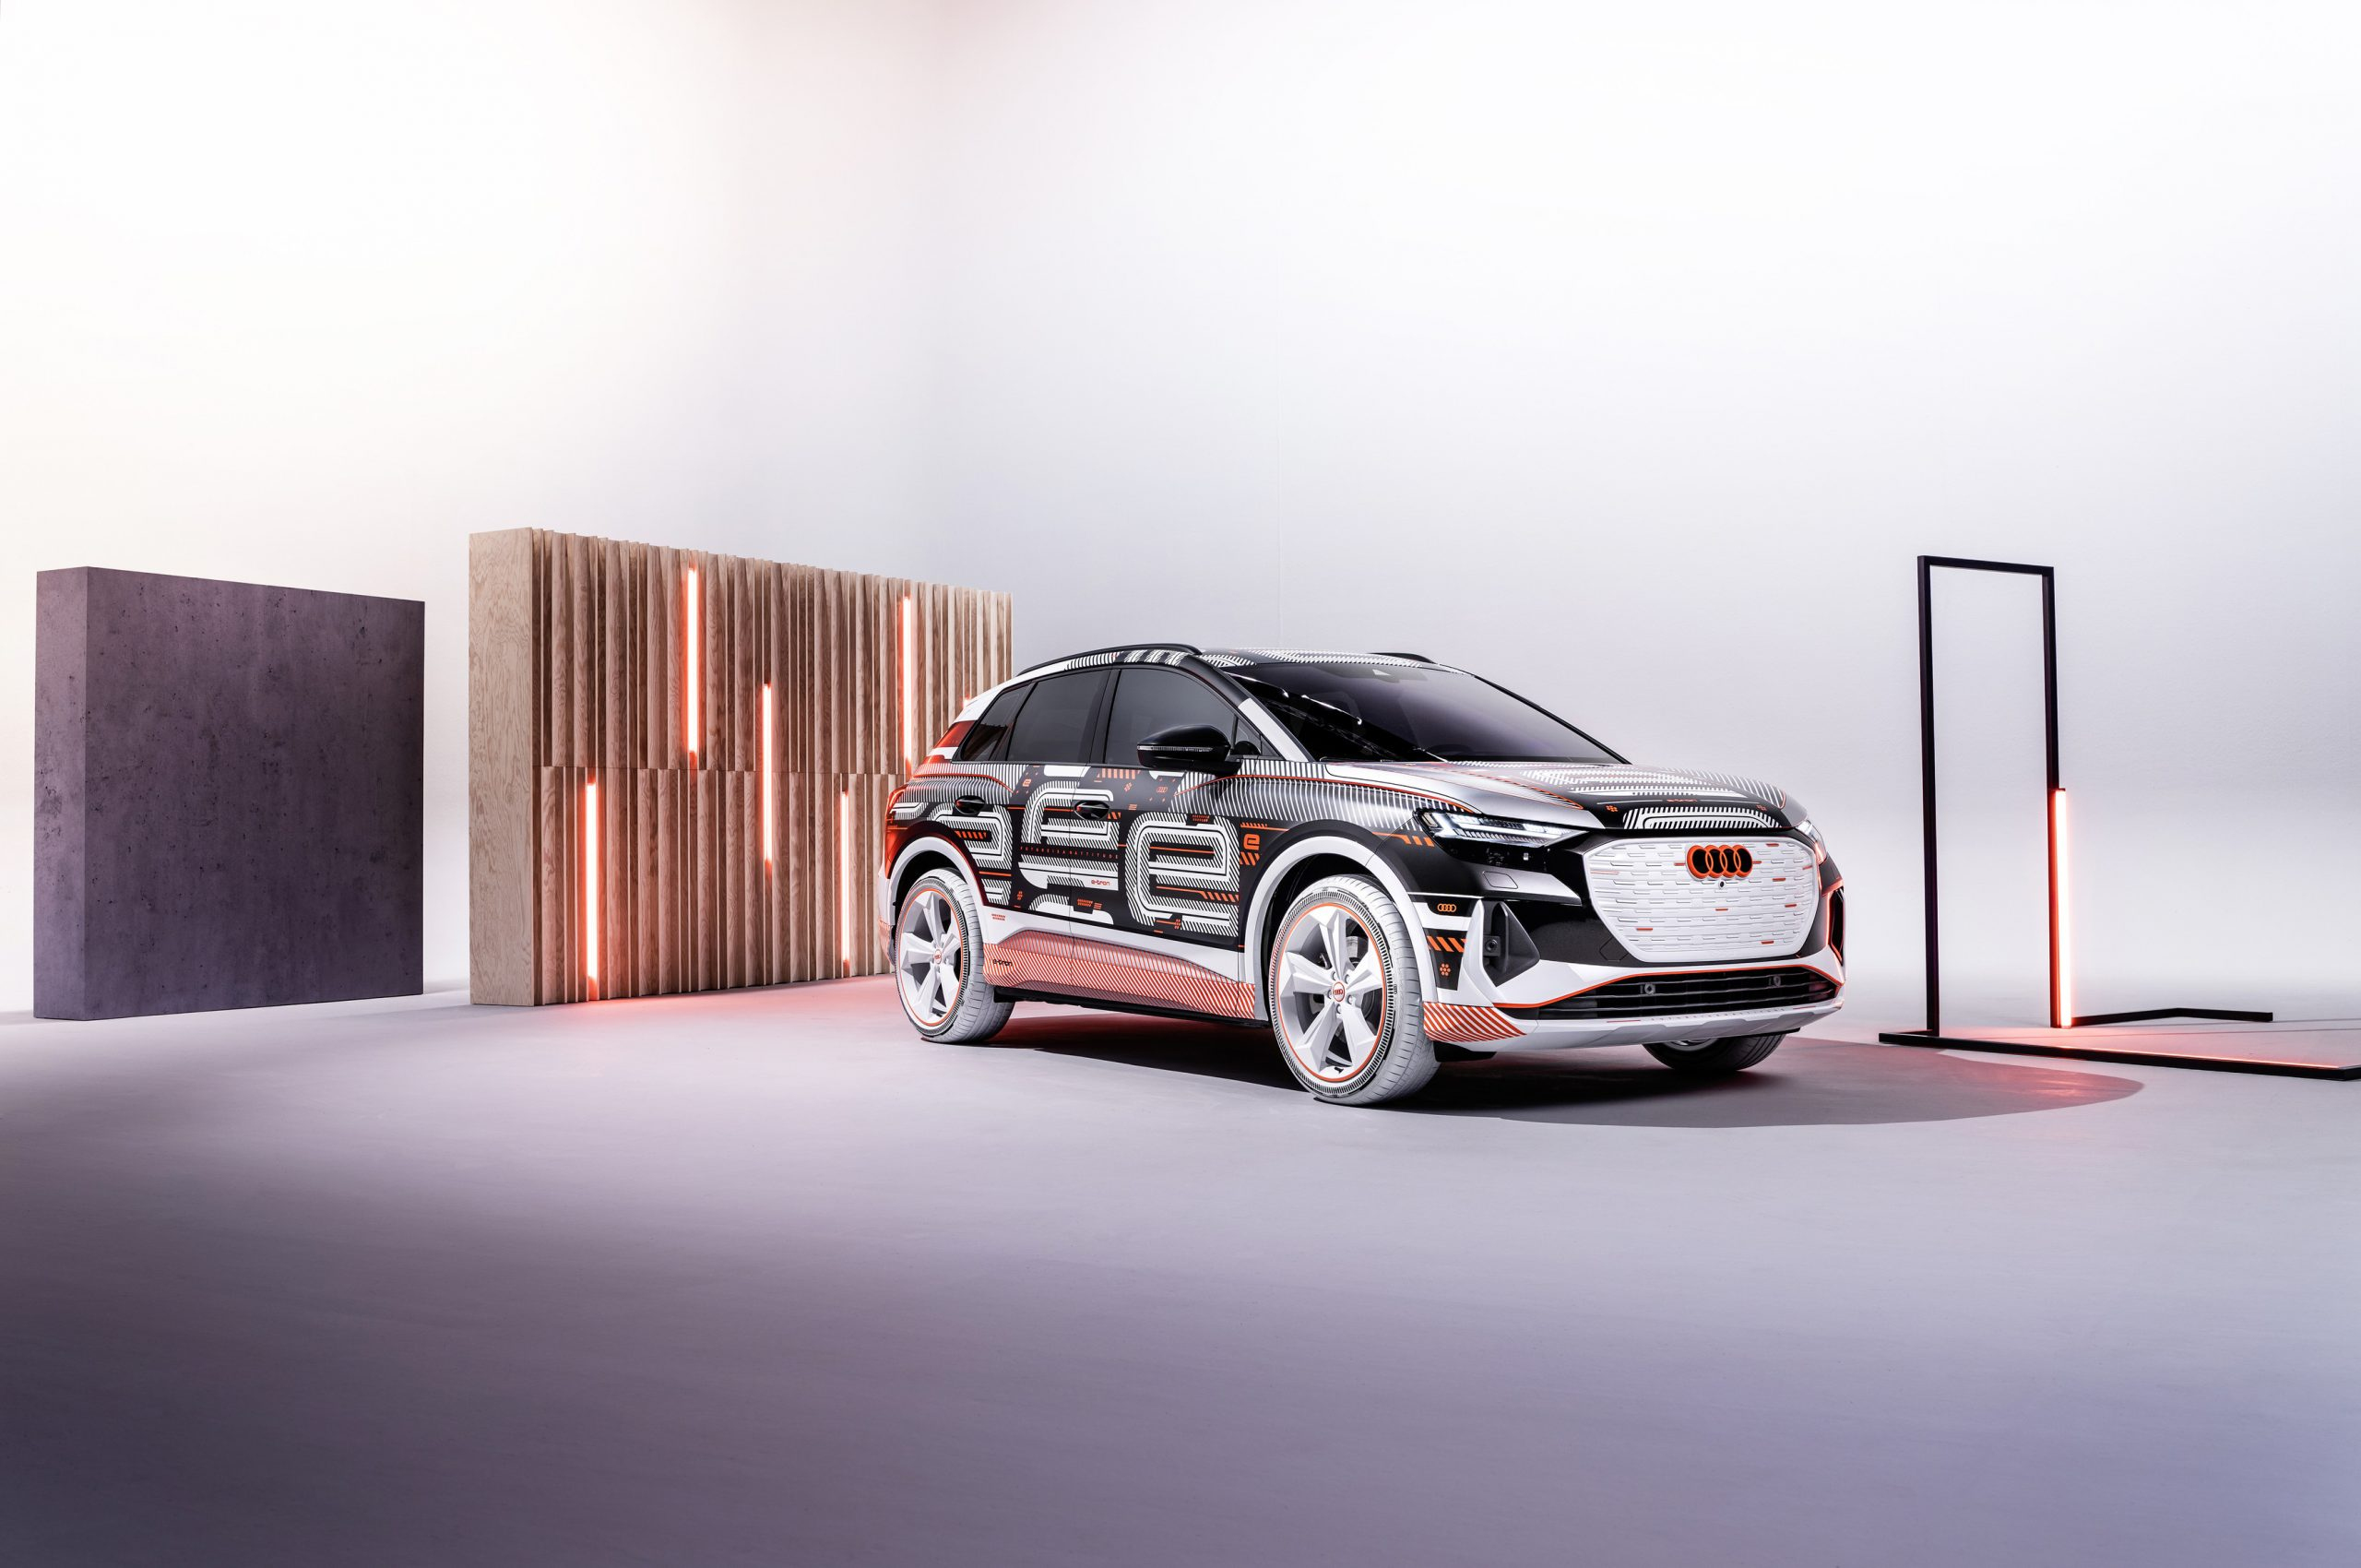 Een nieuwe dimensie van e-mobiliteit: de Audi Q4 e-tron zet een maatstaf voor interieur en bediening